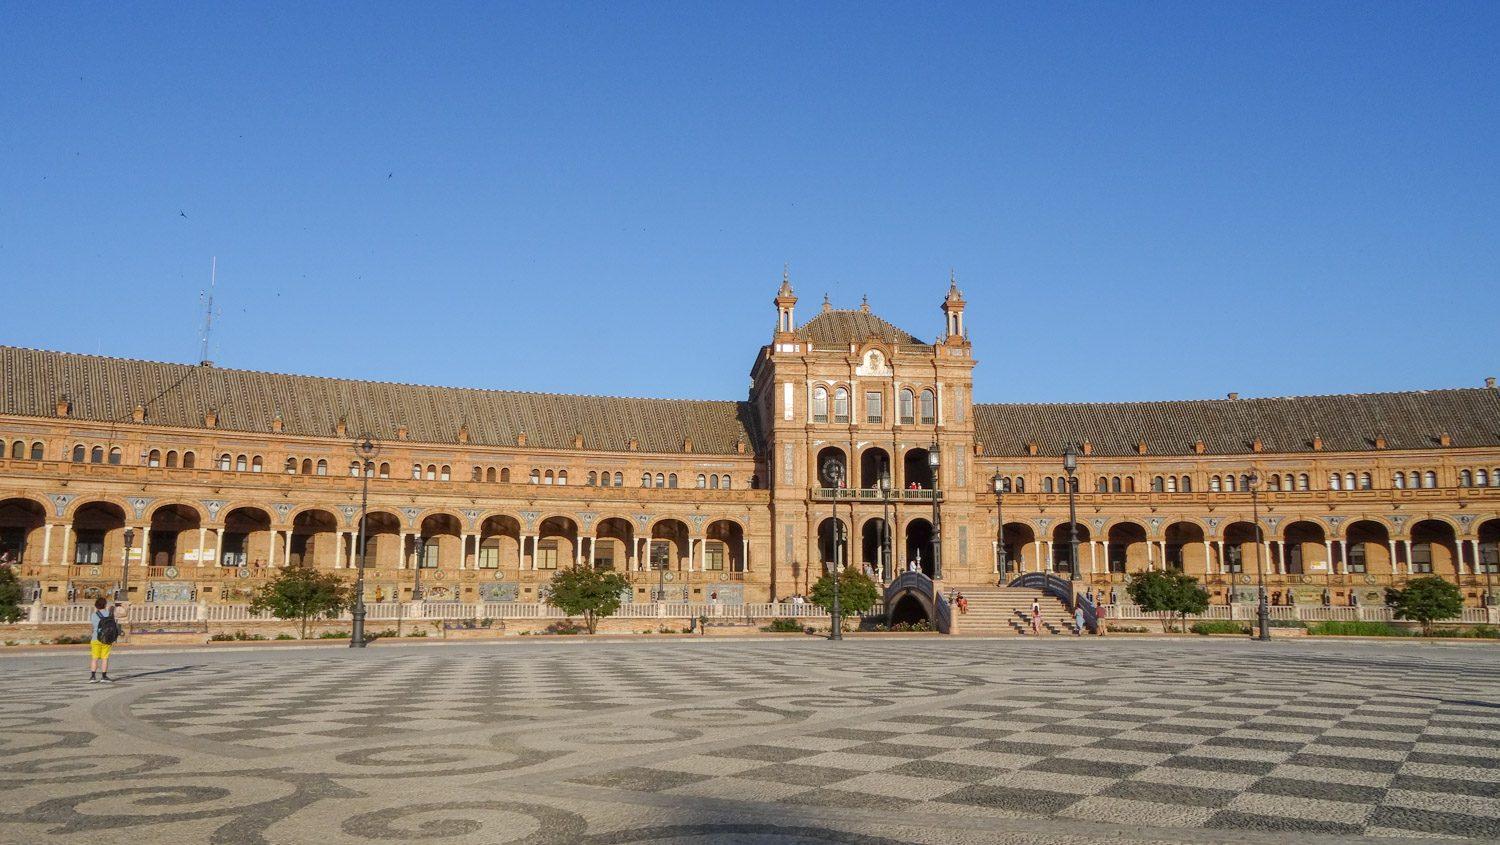 Площадь Испании строилась с 1914 по 1929 год